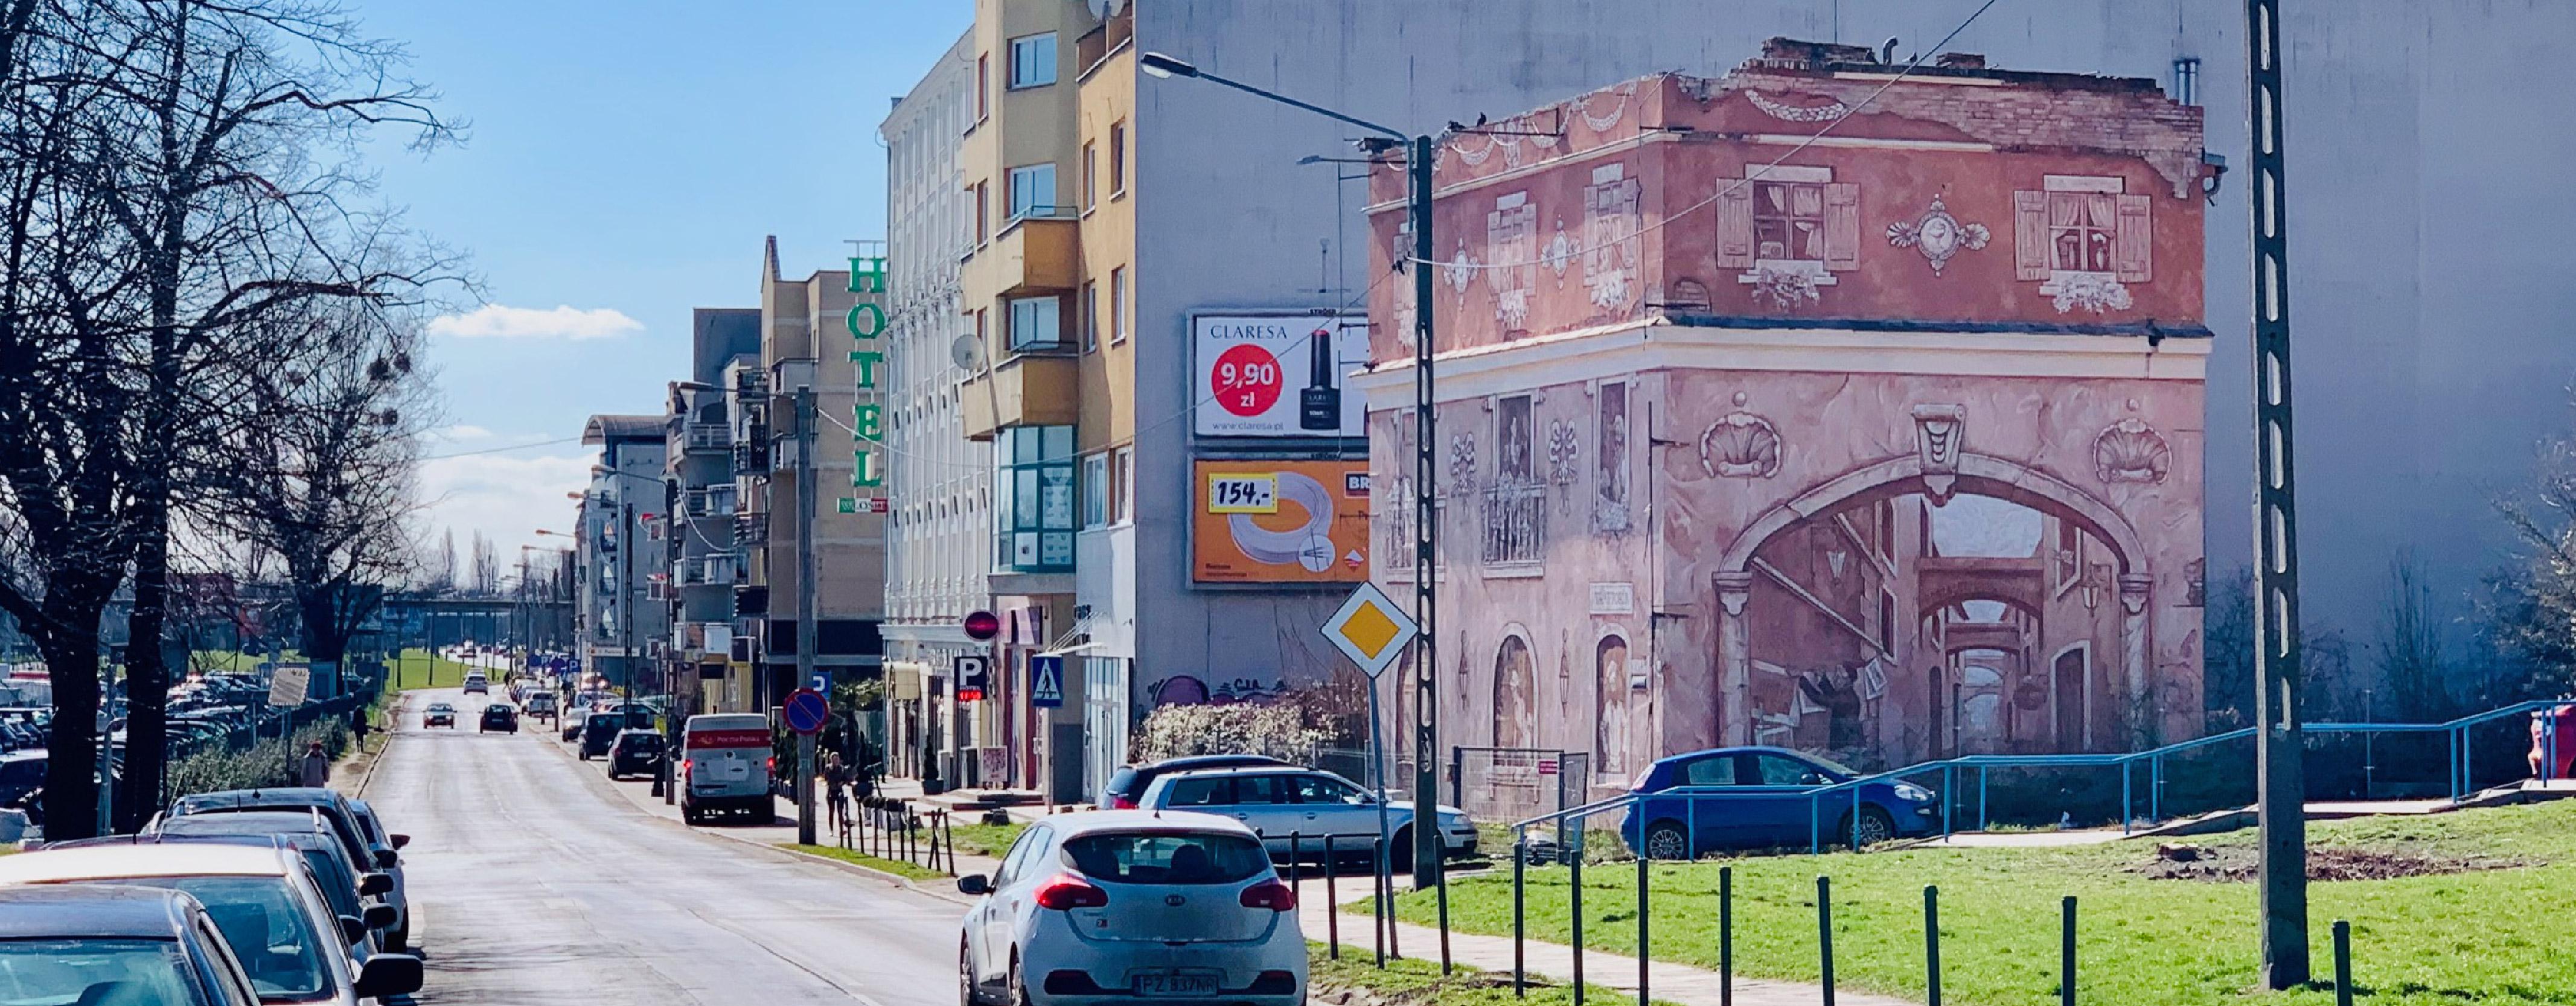 Powierzchnia pod Mural Dolna Wilda Poznań